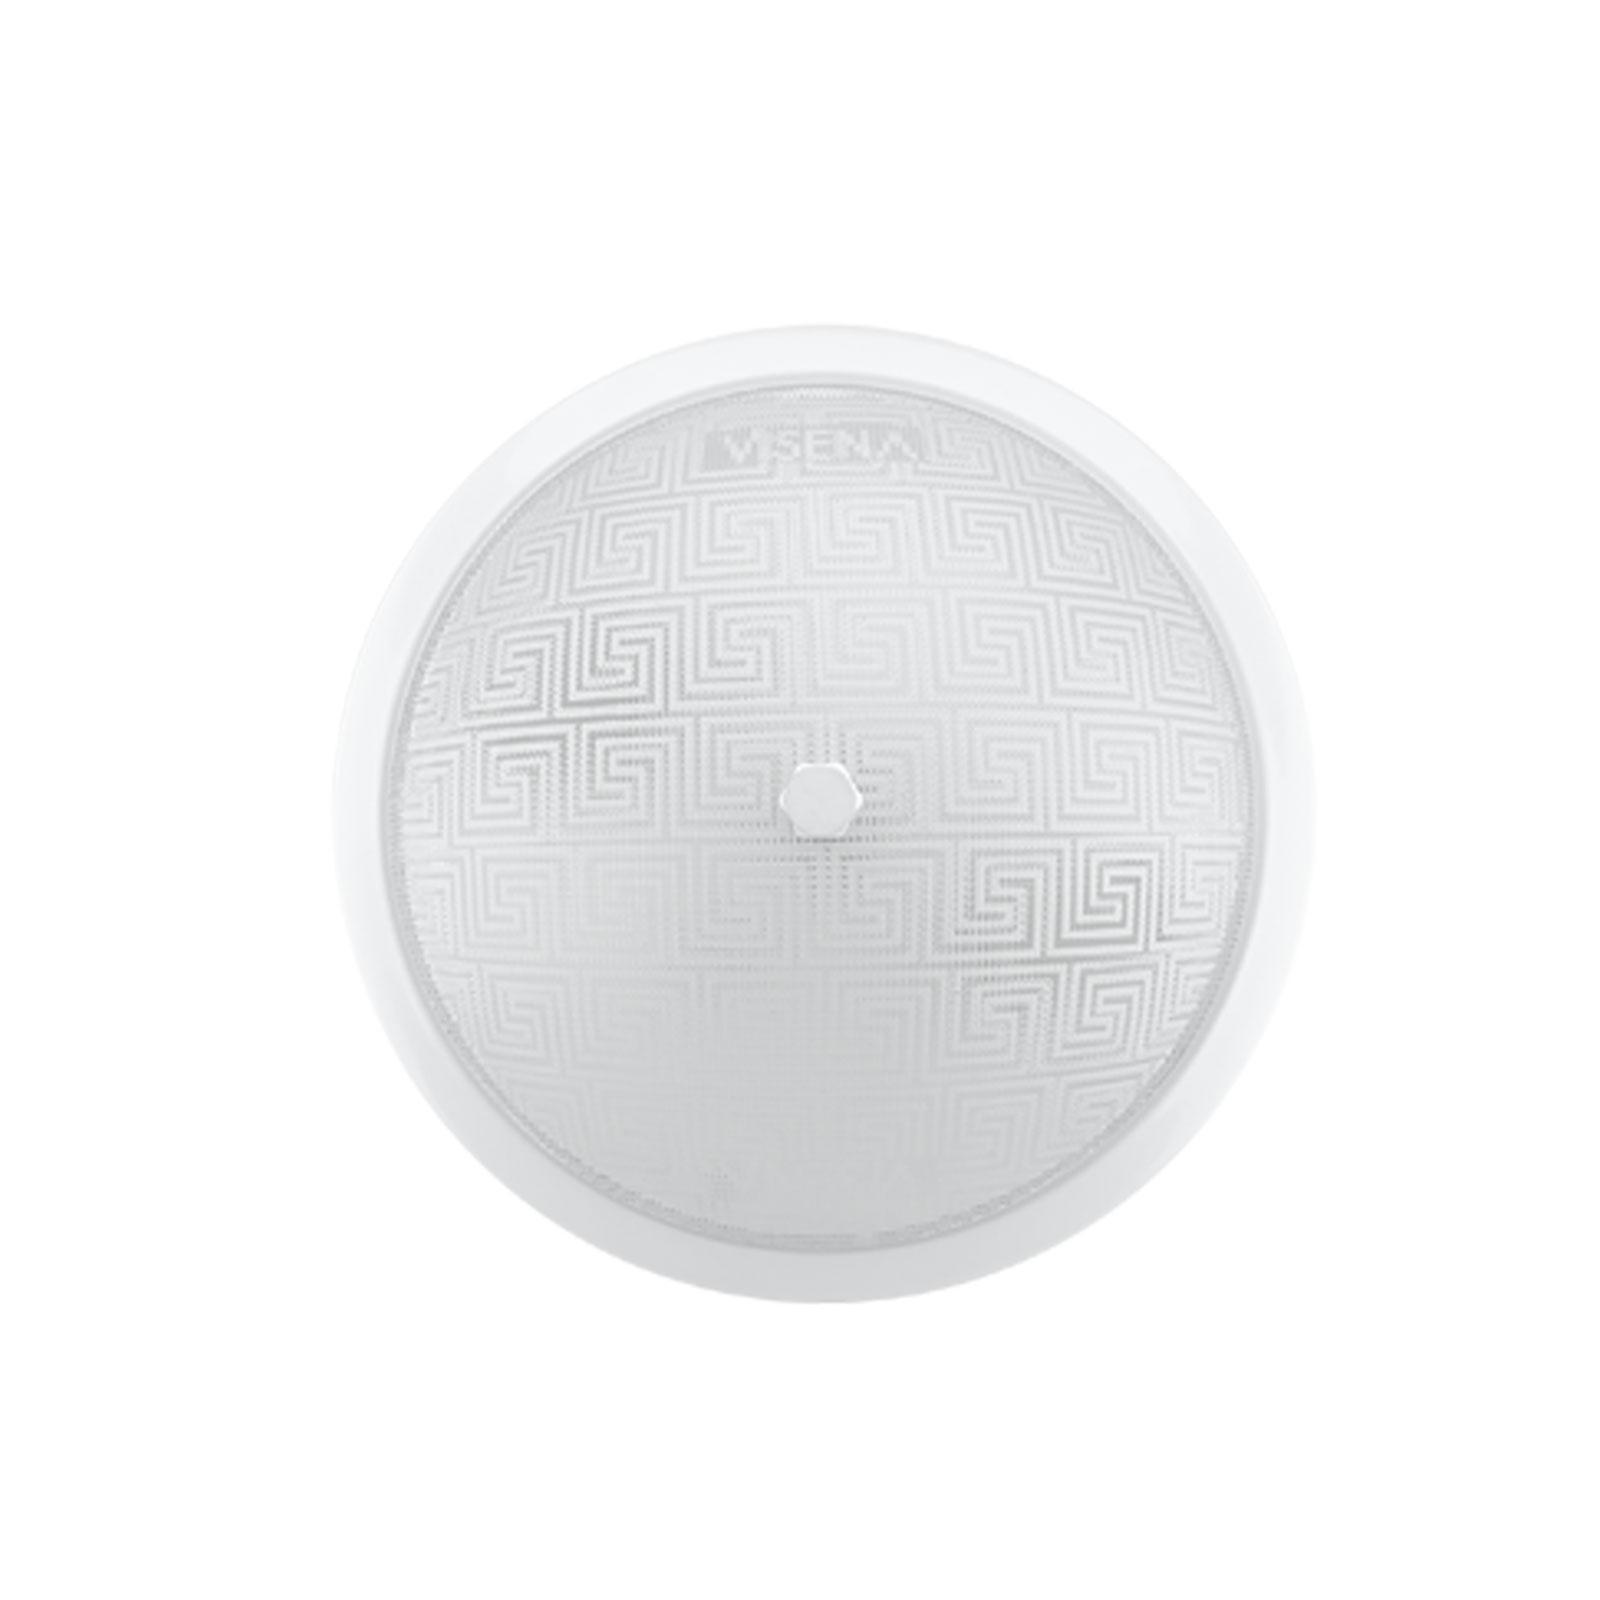 چراغ سقفی دو لامپ ویسنا VS460